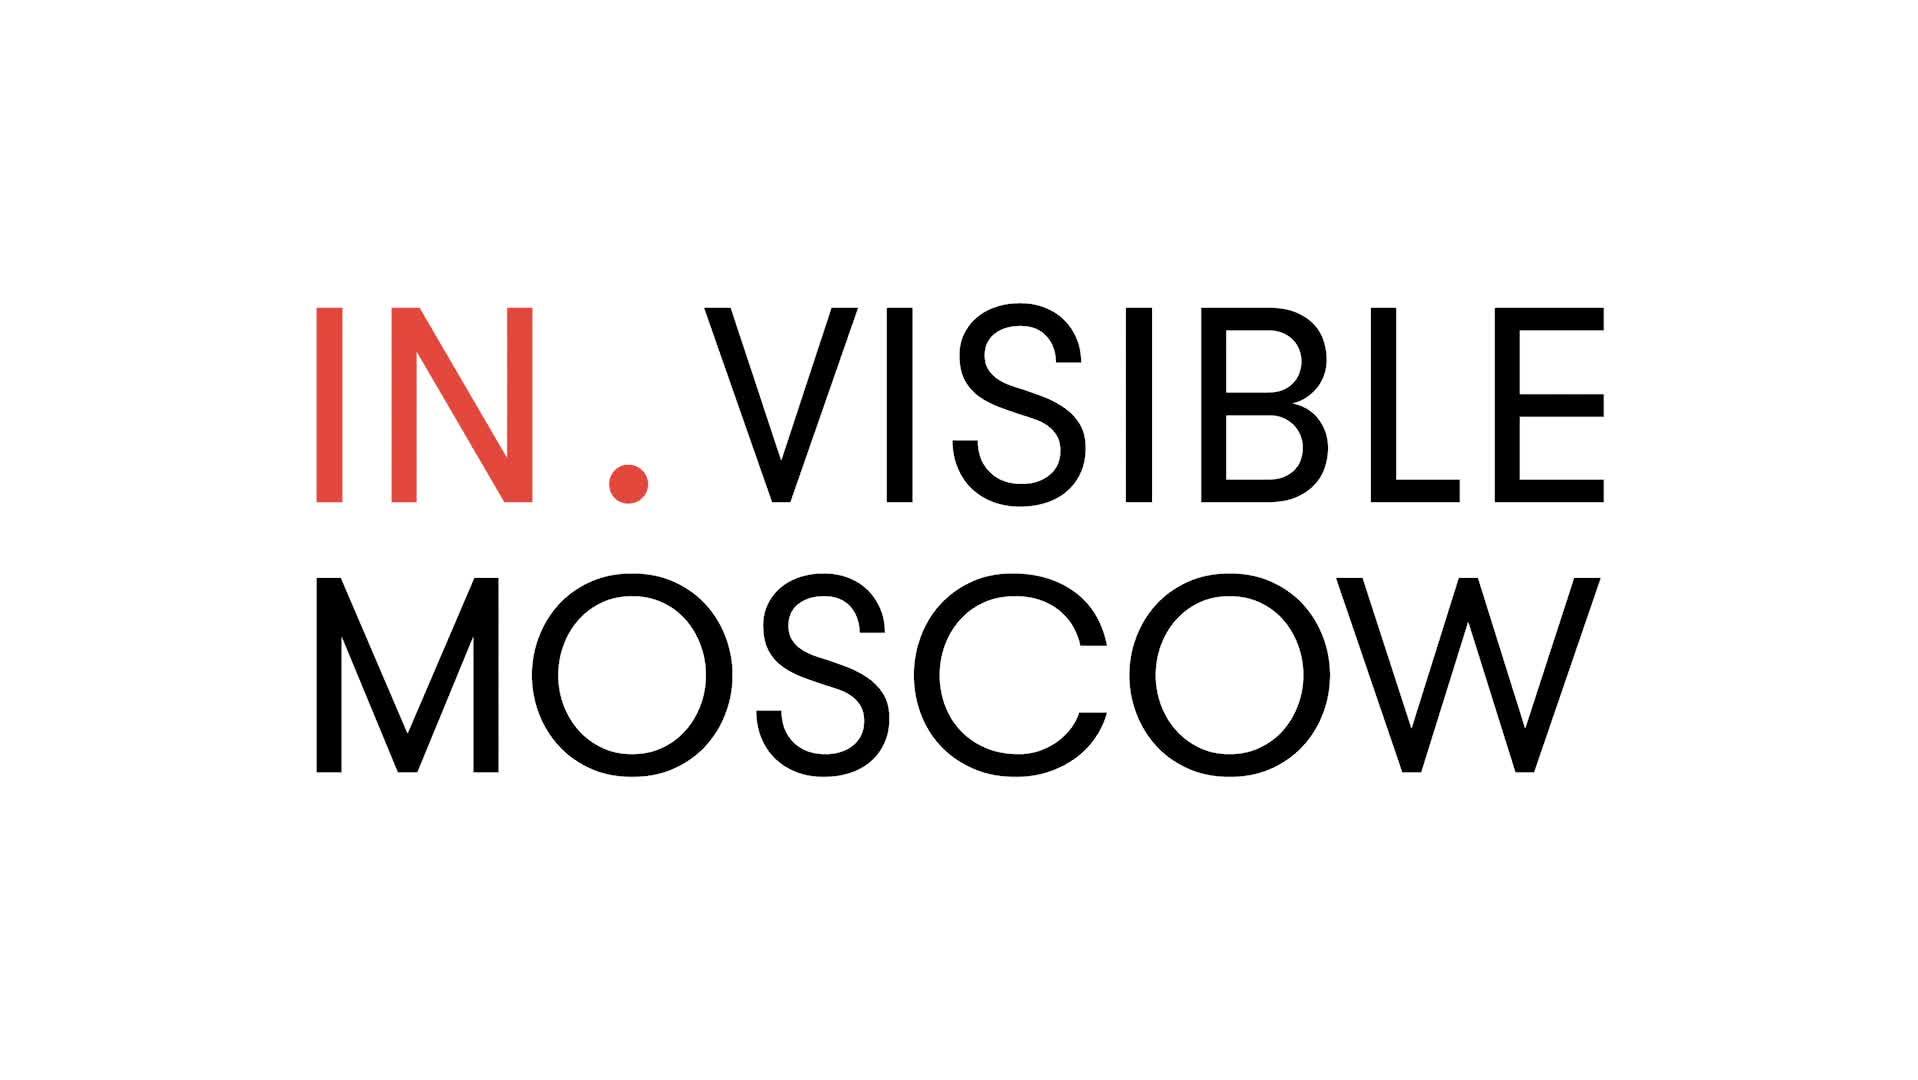 Invisible Moscow/Невидимая Москва: иммерсивный спектакль-экскурсия по скрытым местам Москвы